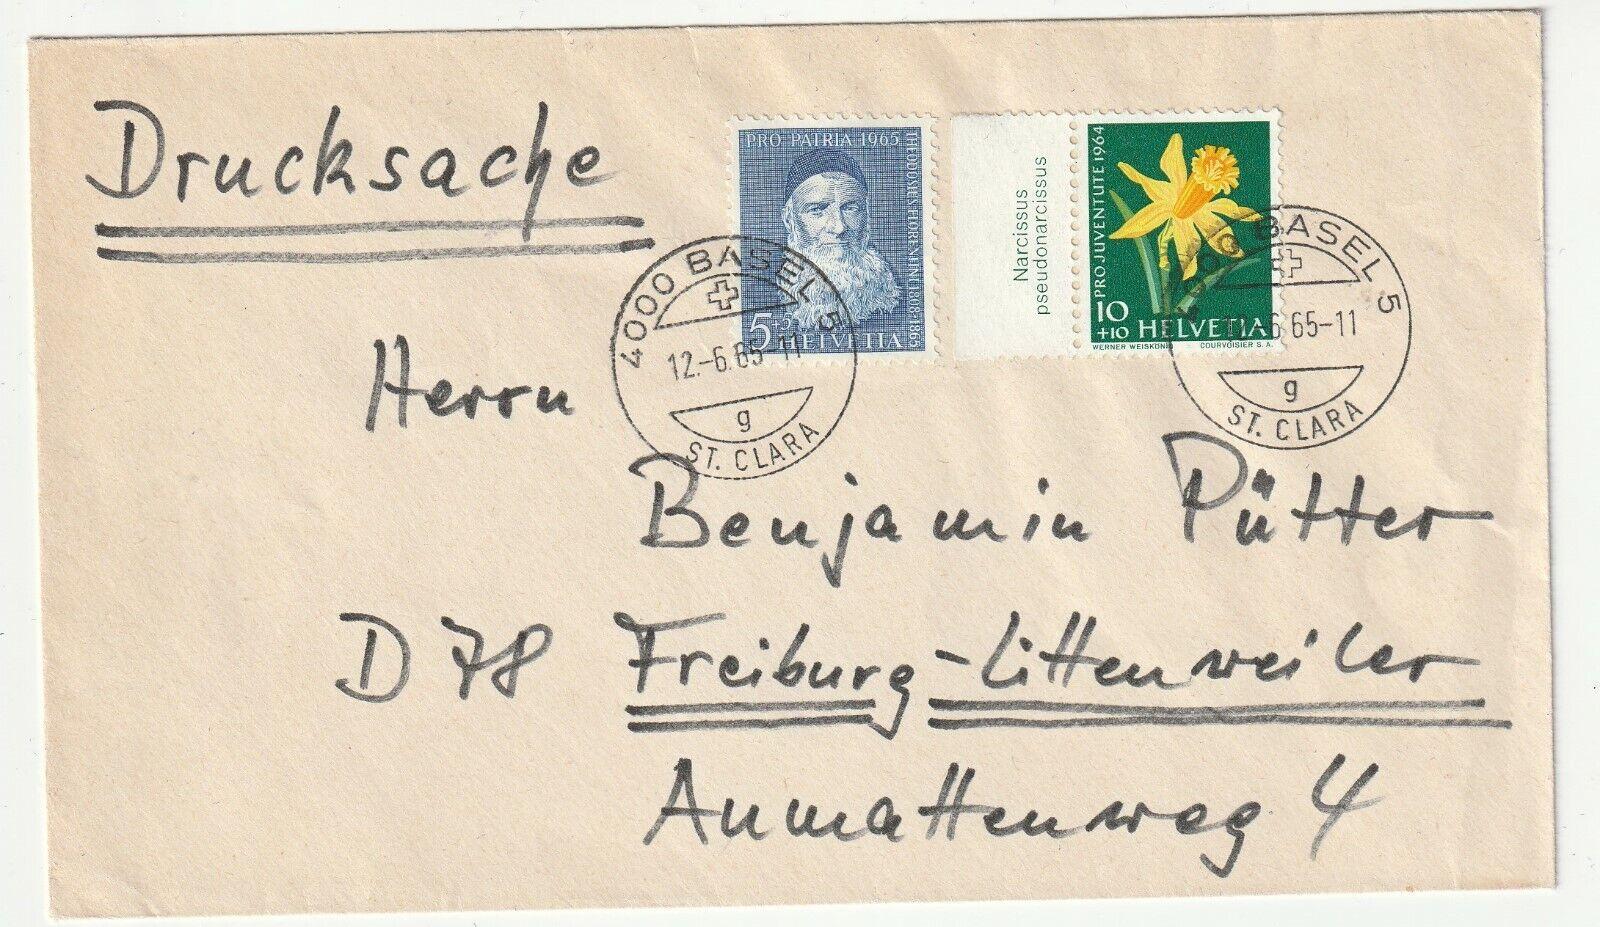 Schweiz 50er JahreArt Batist-Stickerei-Deckchen 7460